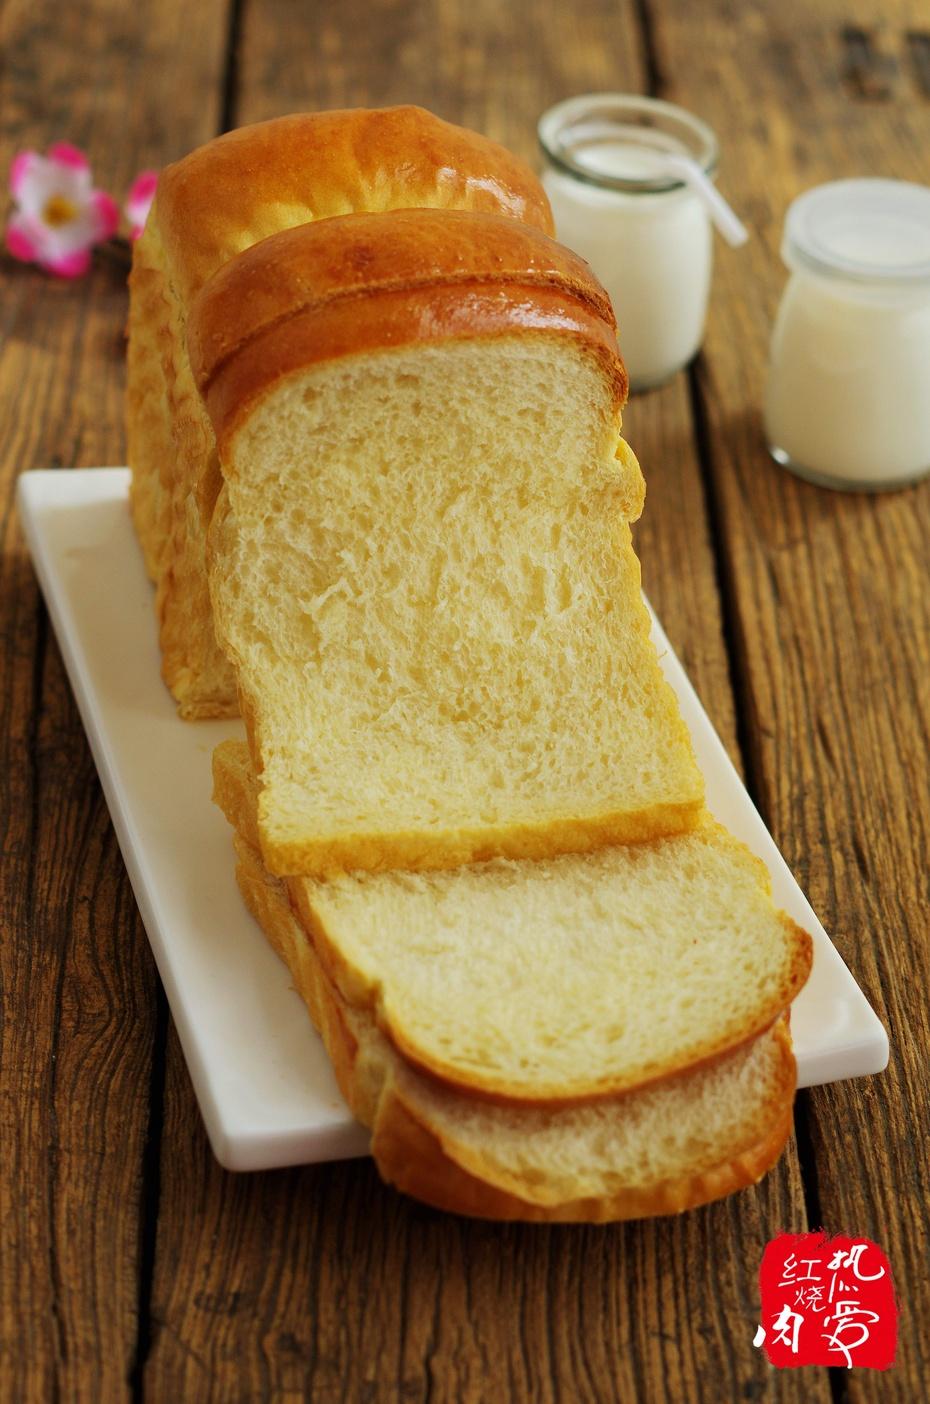 无油无糖低热能的咸味面包 - 一炮手 - 一炮手的杂志型编撰博客